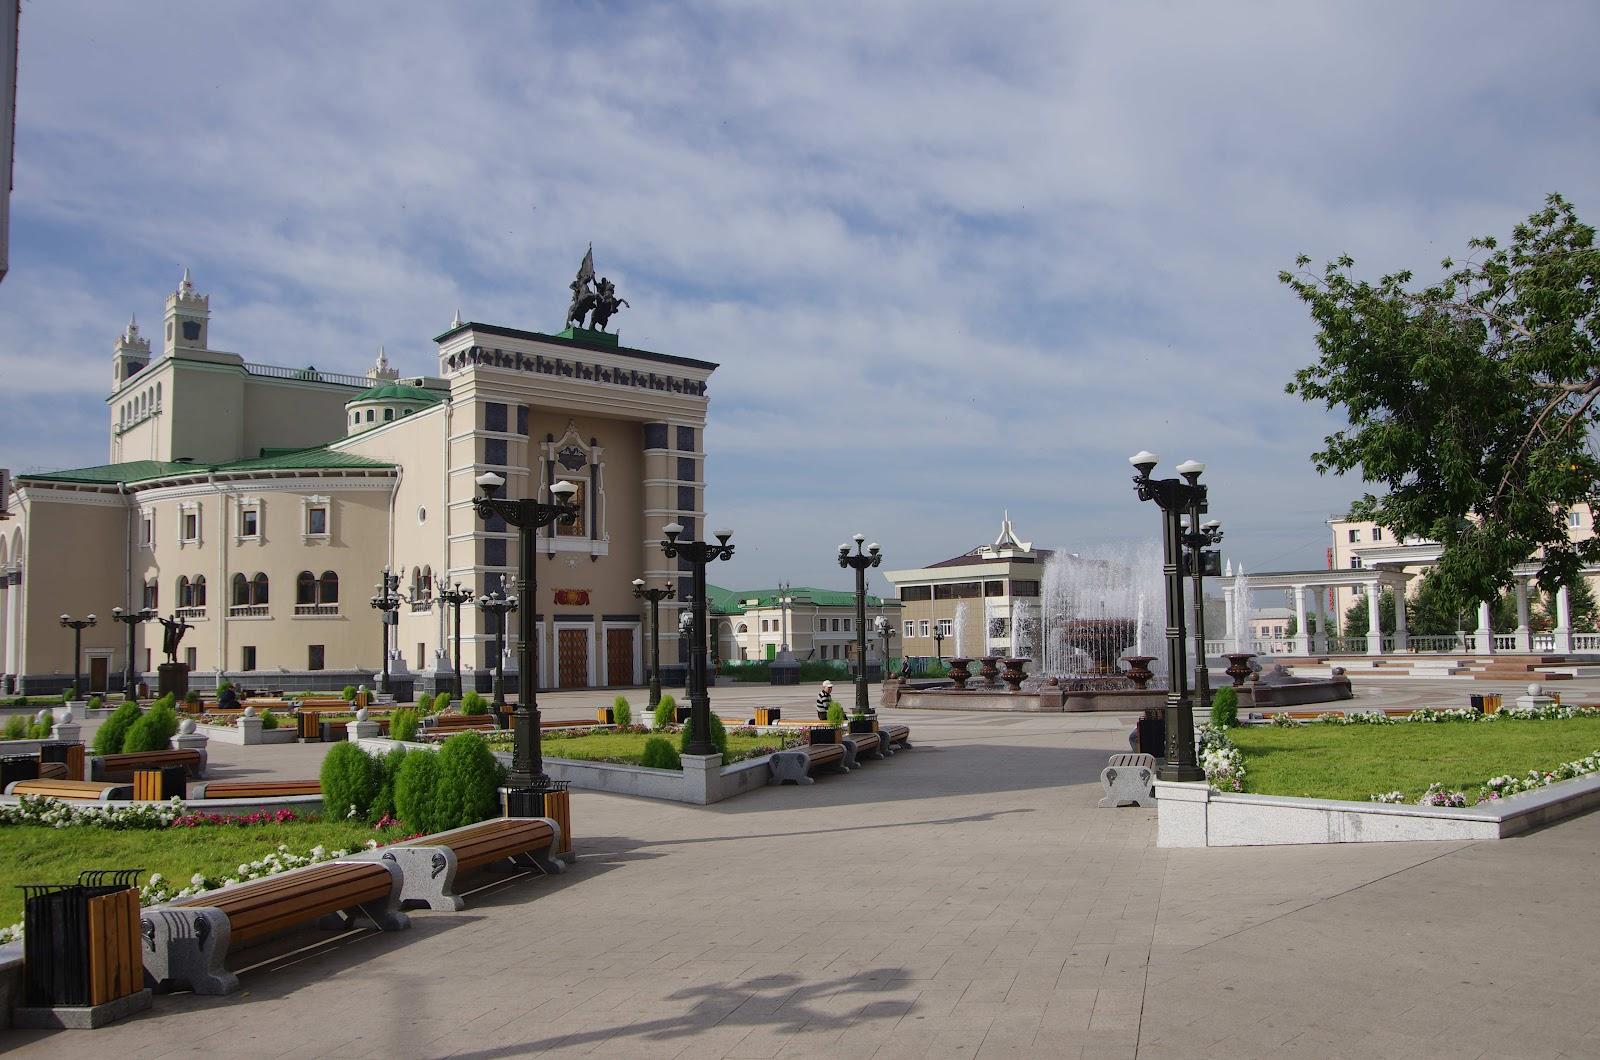 Улан-Удэ: достопримечательности города с фото и описаниями